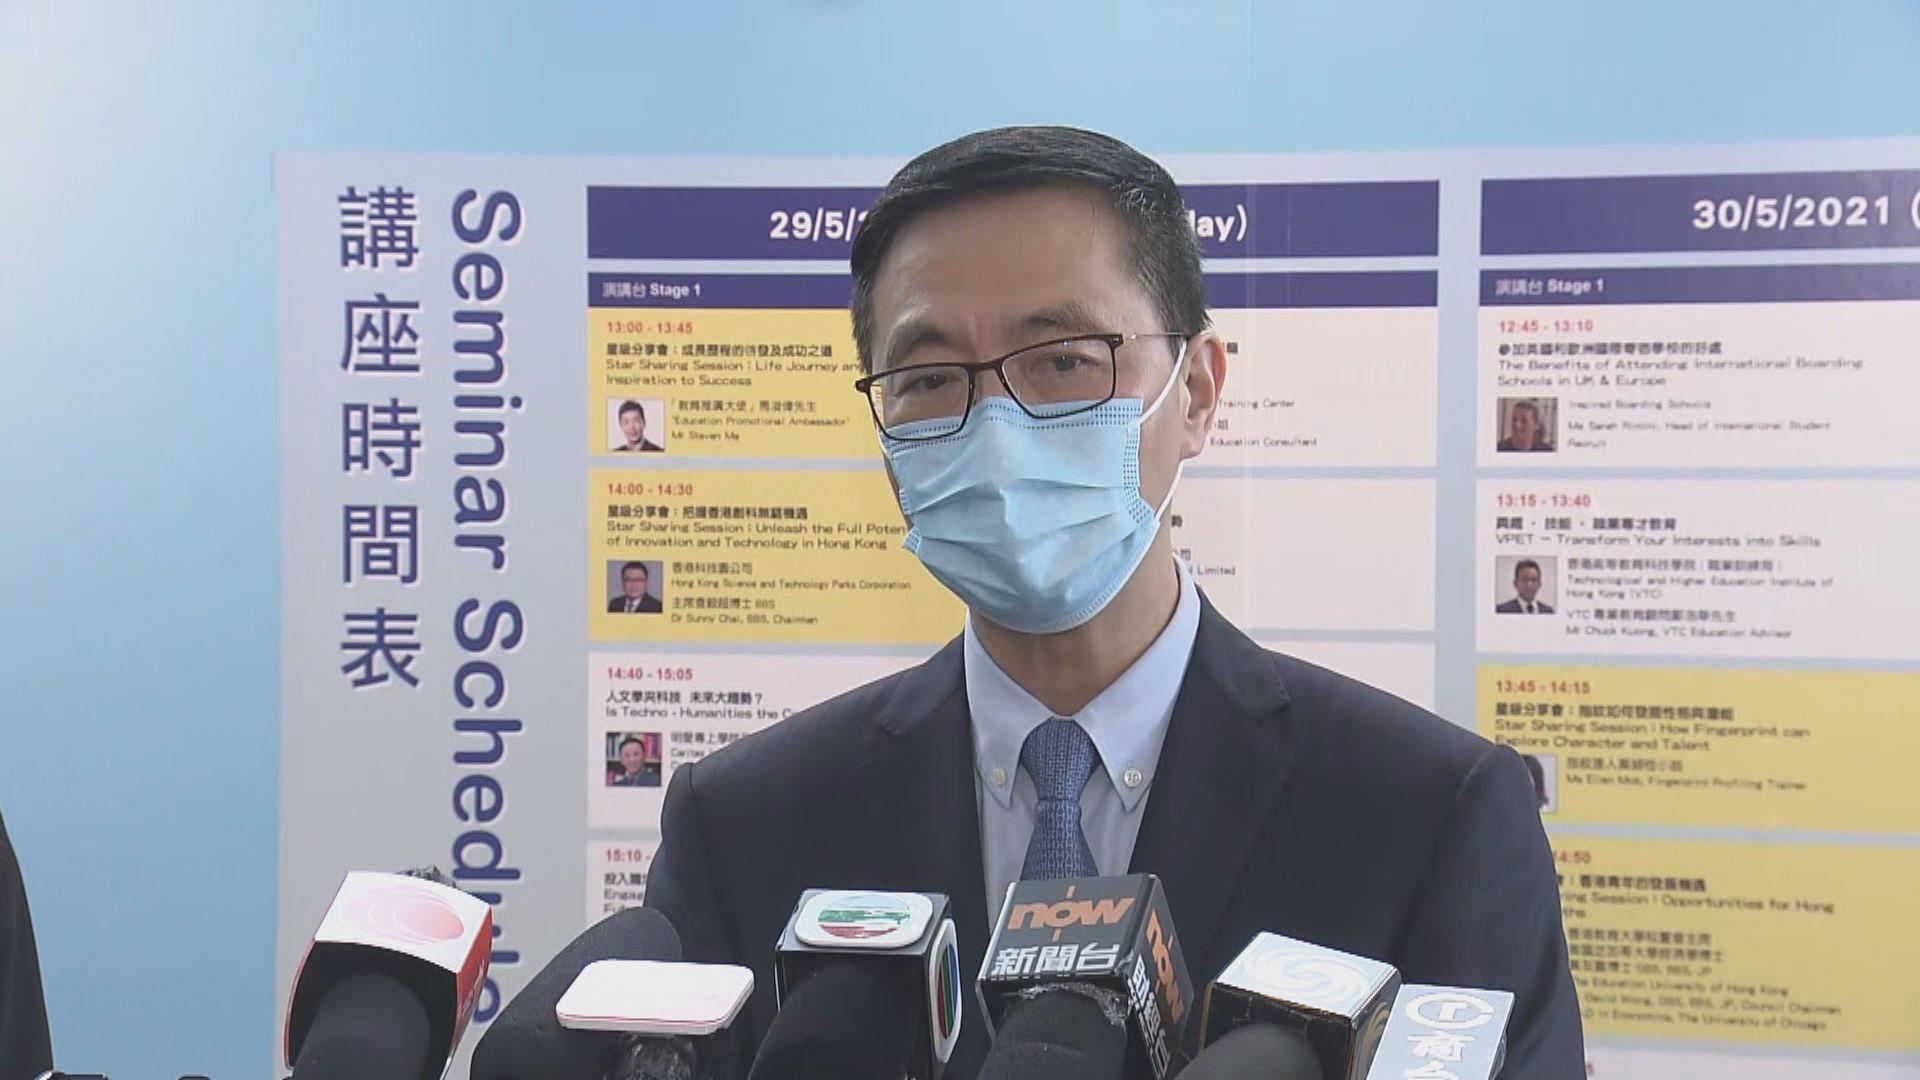 楊潤雄:待接種年齡進一步放寬將研到校接種可行性